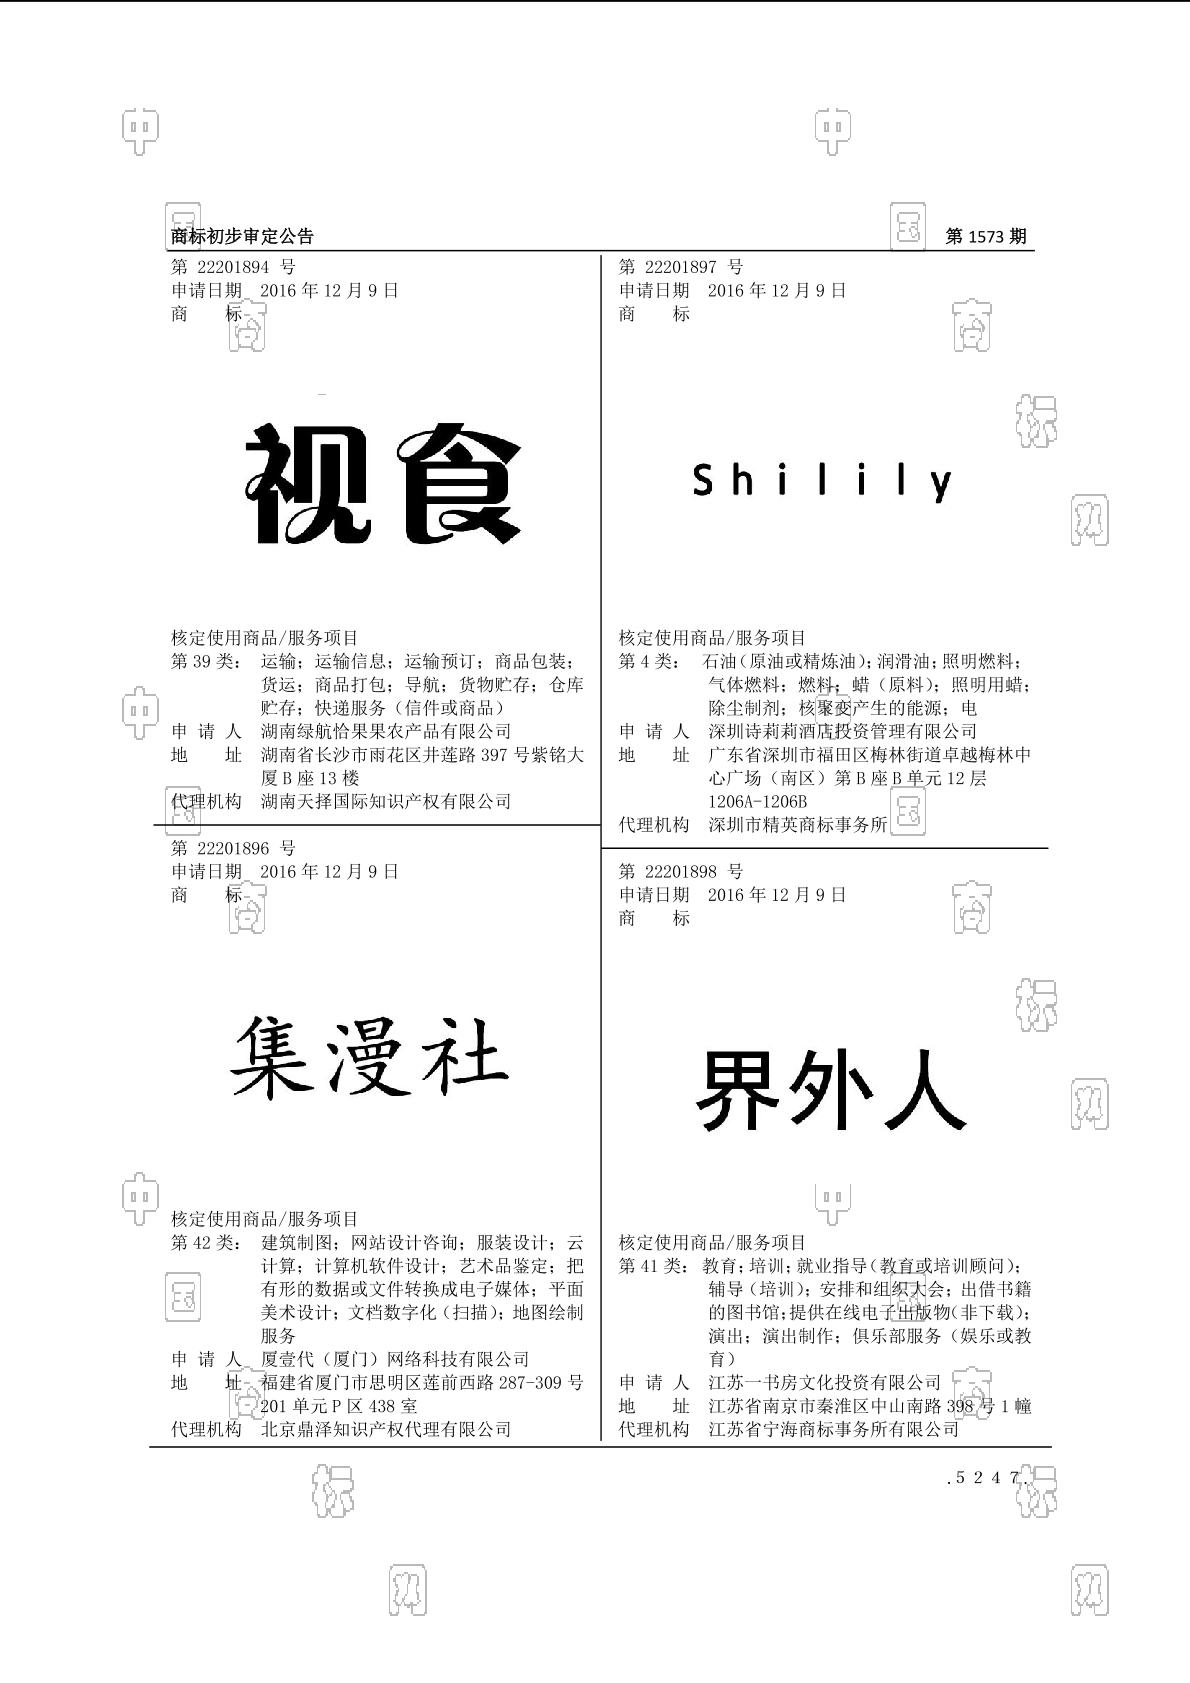 【社标网】SHILILY商标状态注册号信息 深圳诗莉莉酒店投资管理有限公司商标信息-商标查询